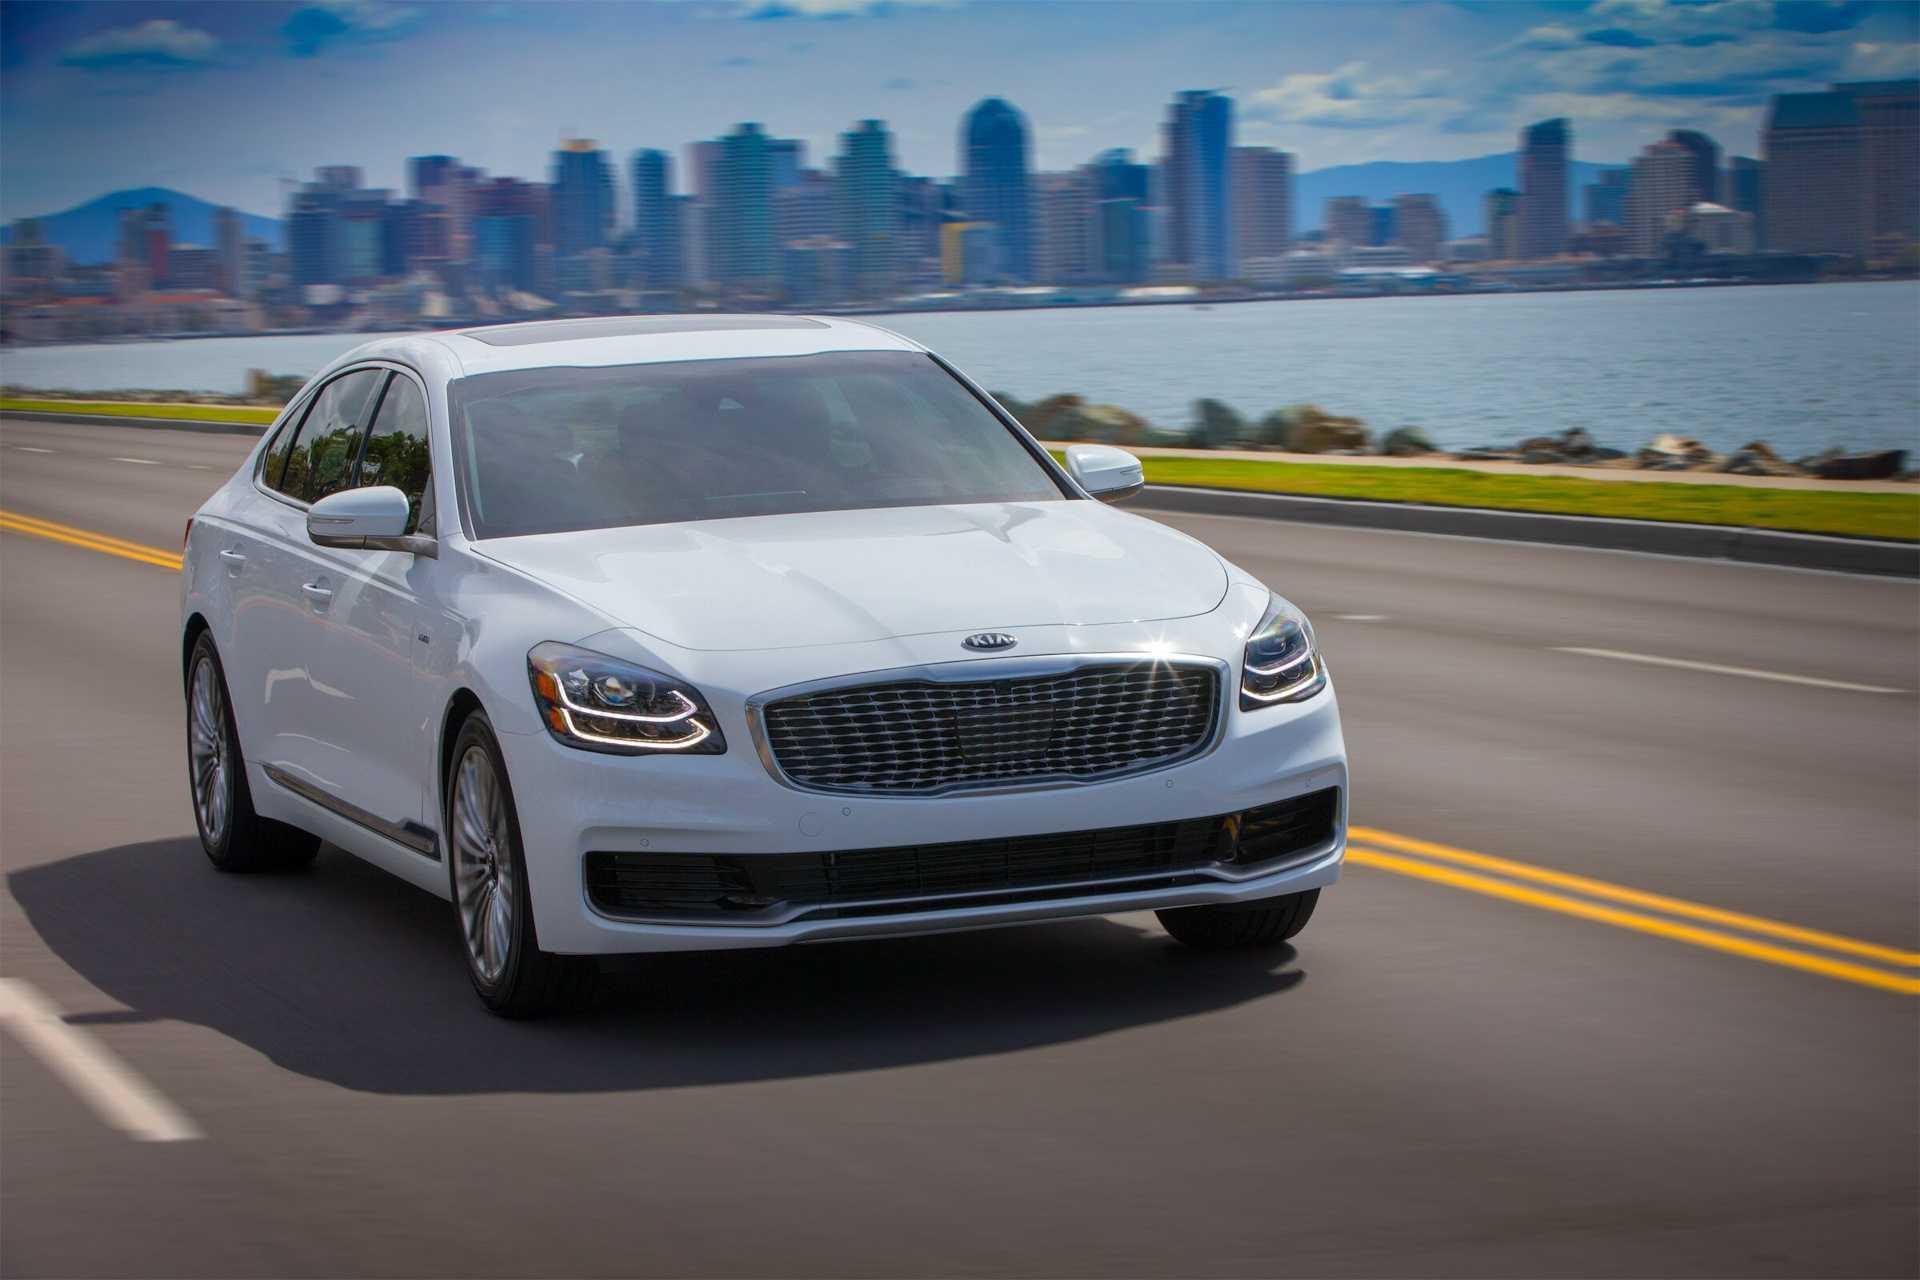 Kia quoris 2019-2020 цена, технические характеристики, фото, видео тест-драйв